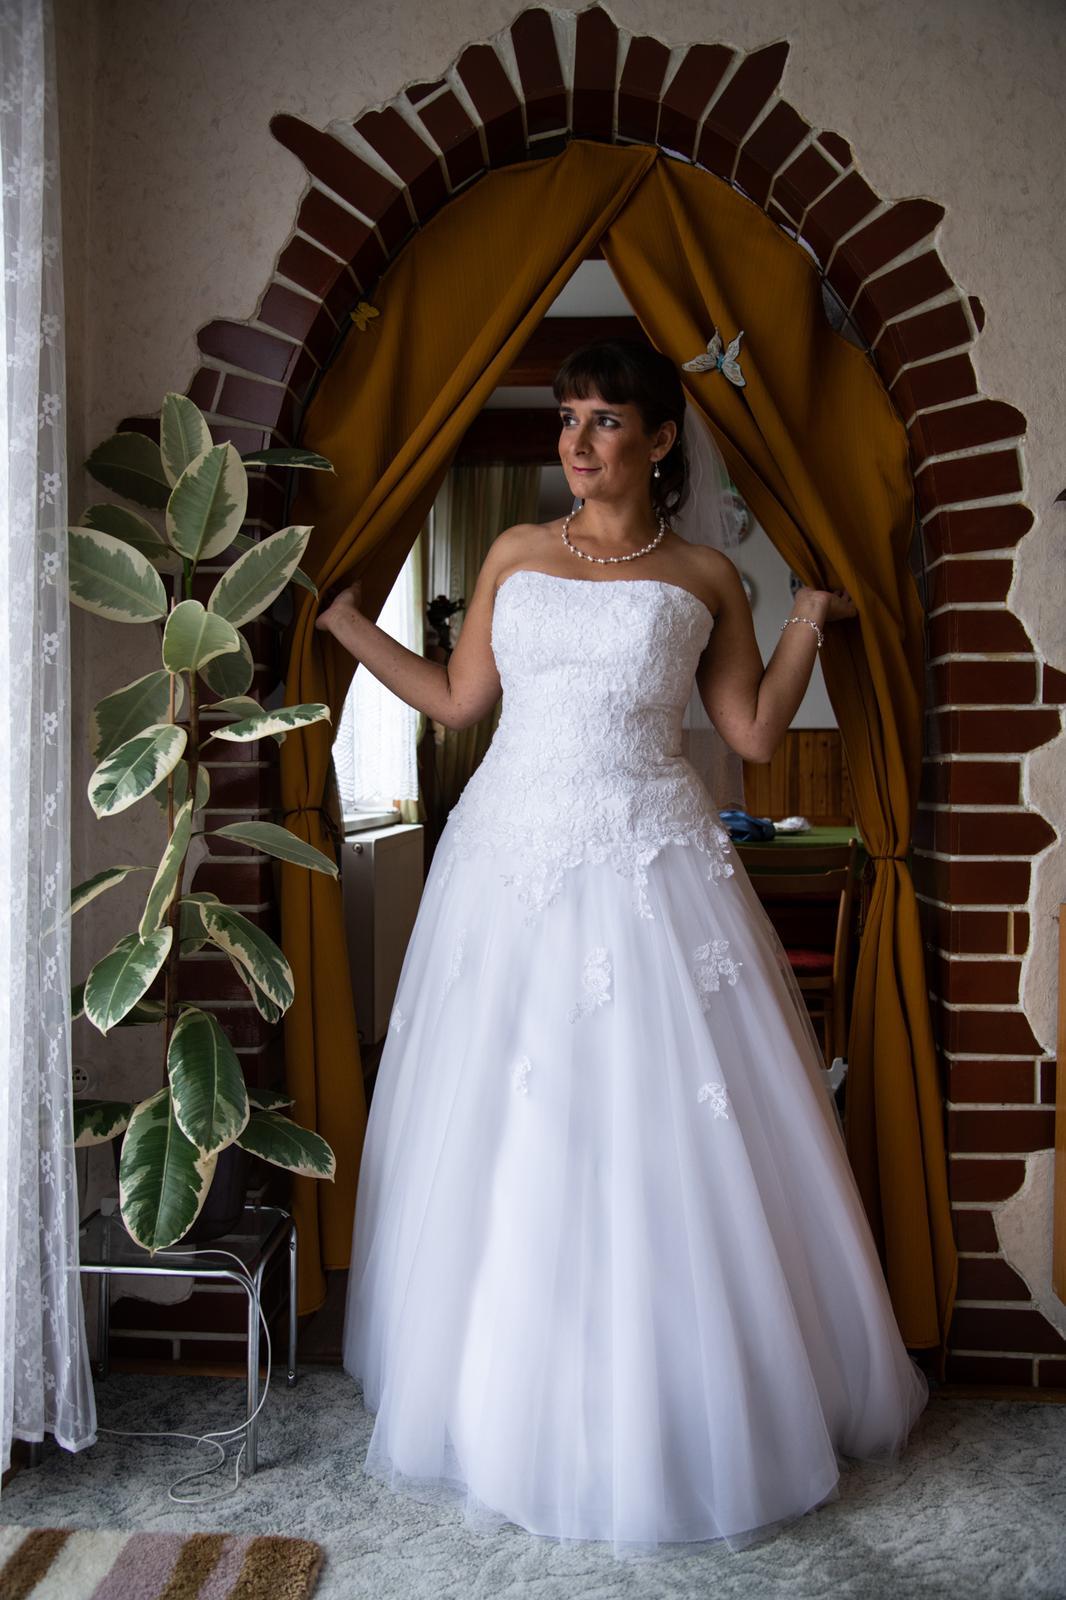 svatební šaty 40-44 cena dohodou - Obrázek č. 1